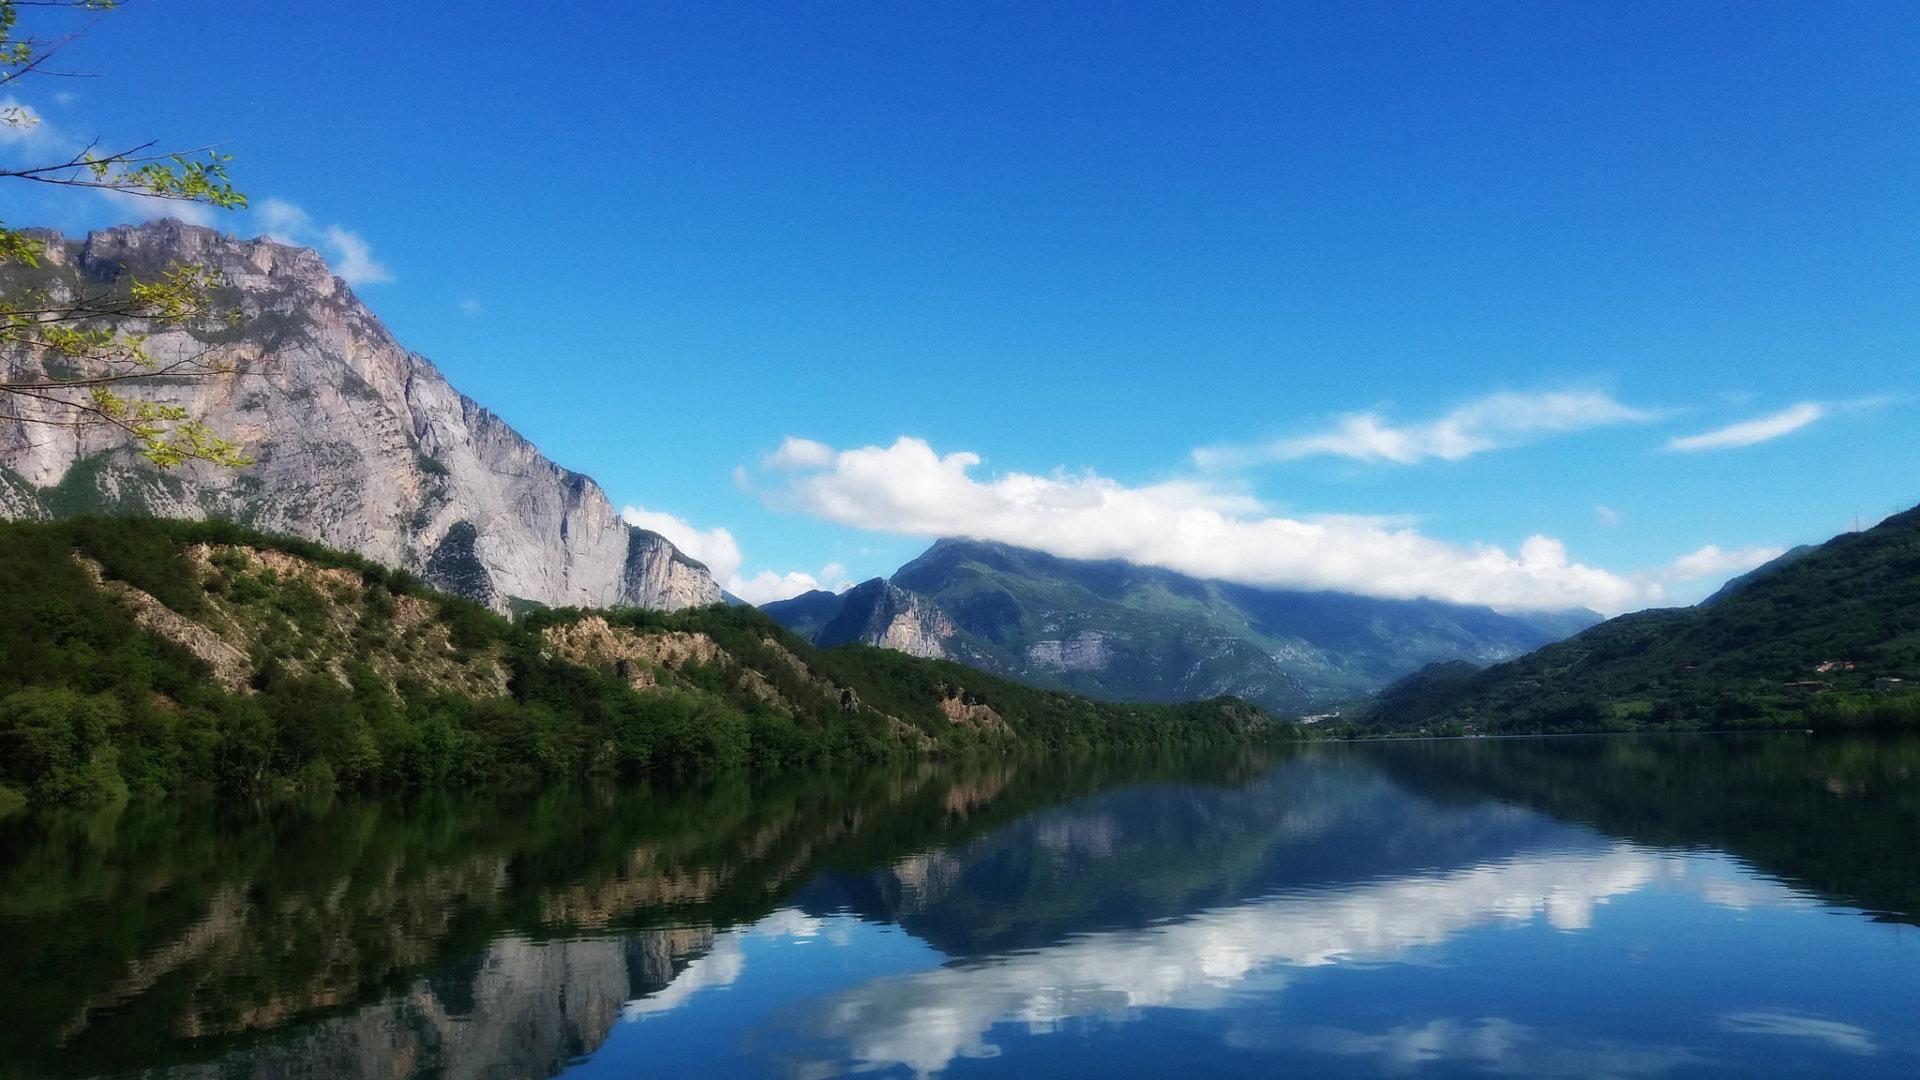 okolice jeziora garda lago di cavedine